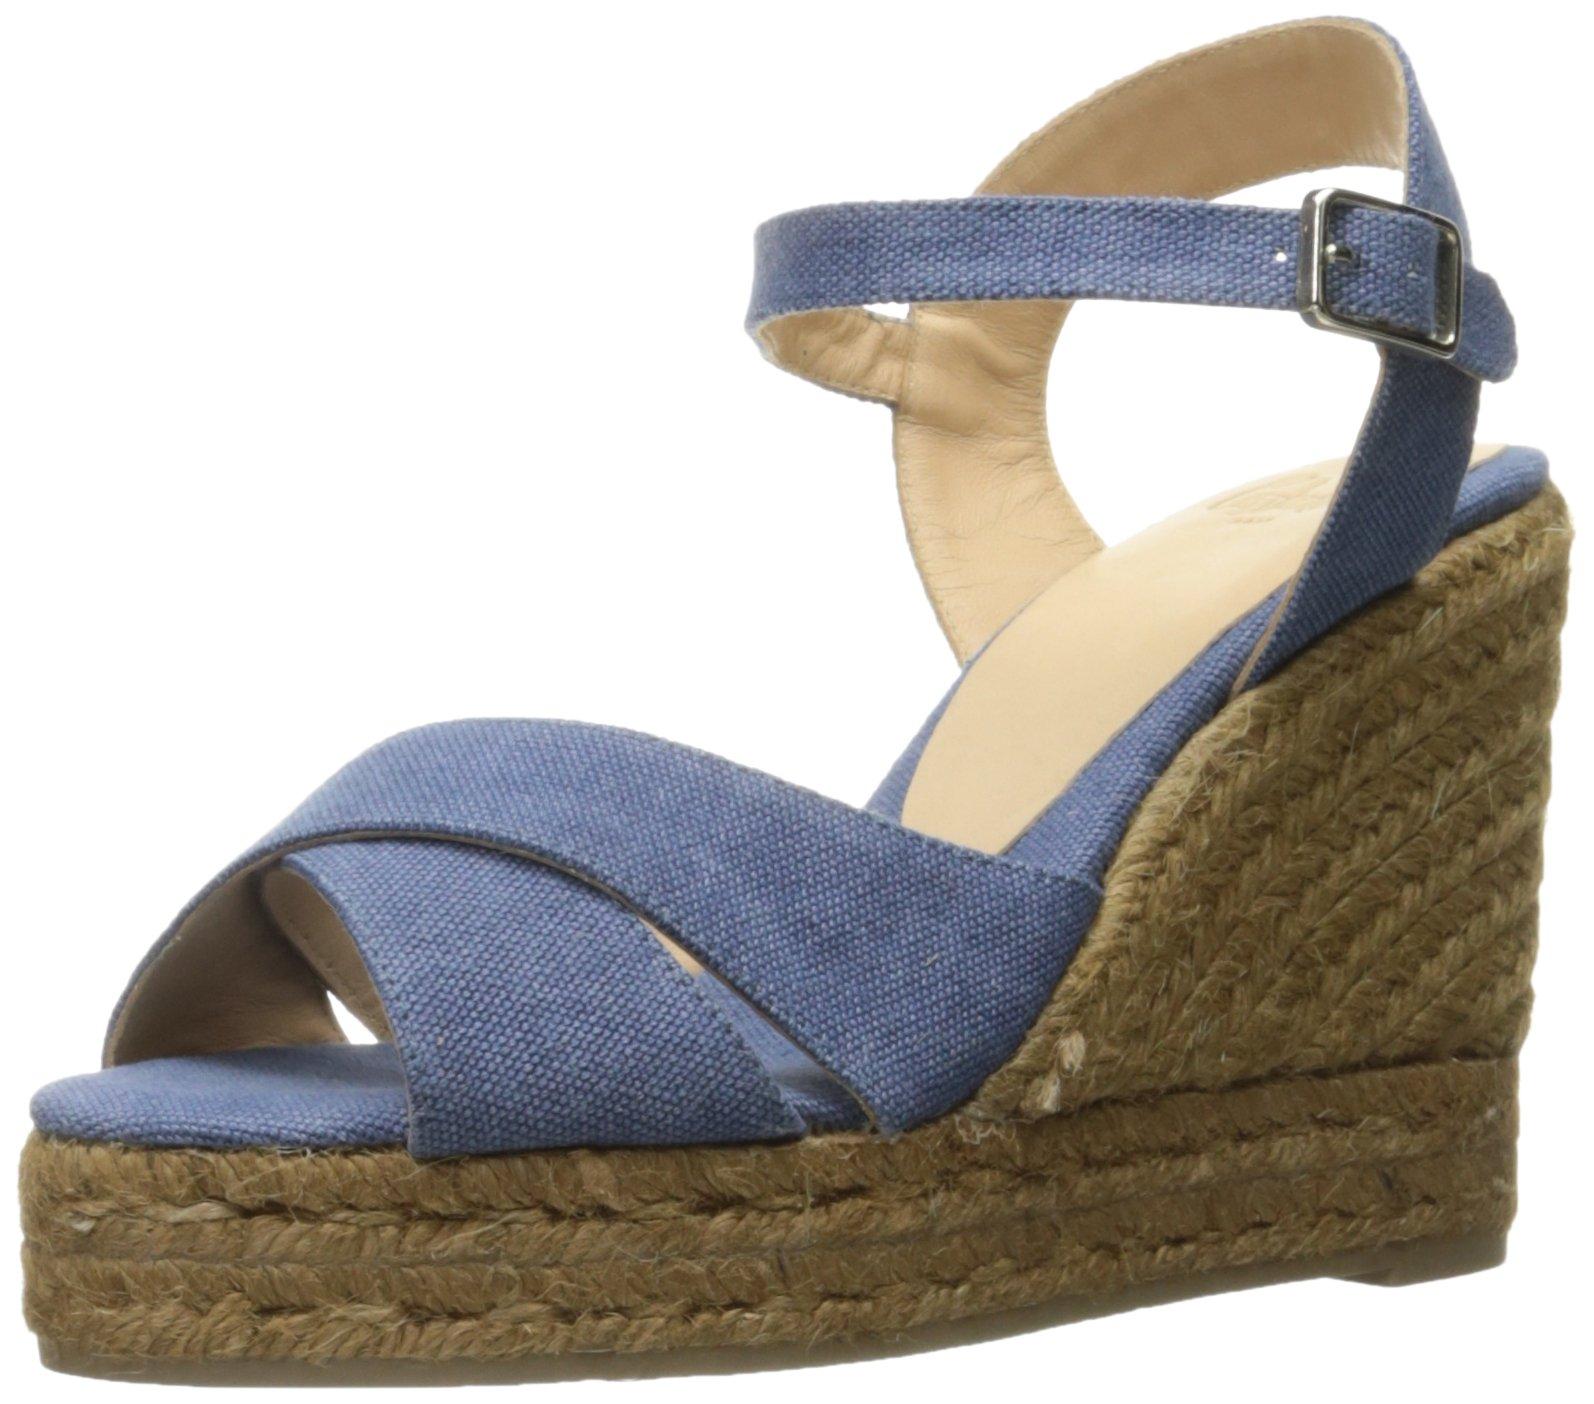 Castaner Women's Blaudell Platform Sandal, Jeans (Light Blue), 38 EU/7.5 N US